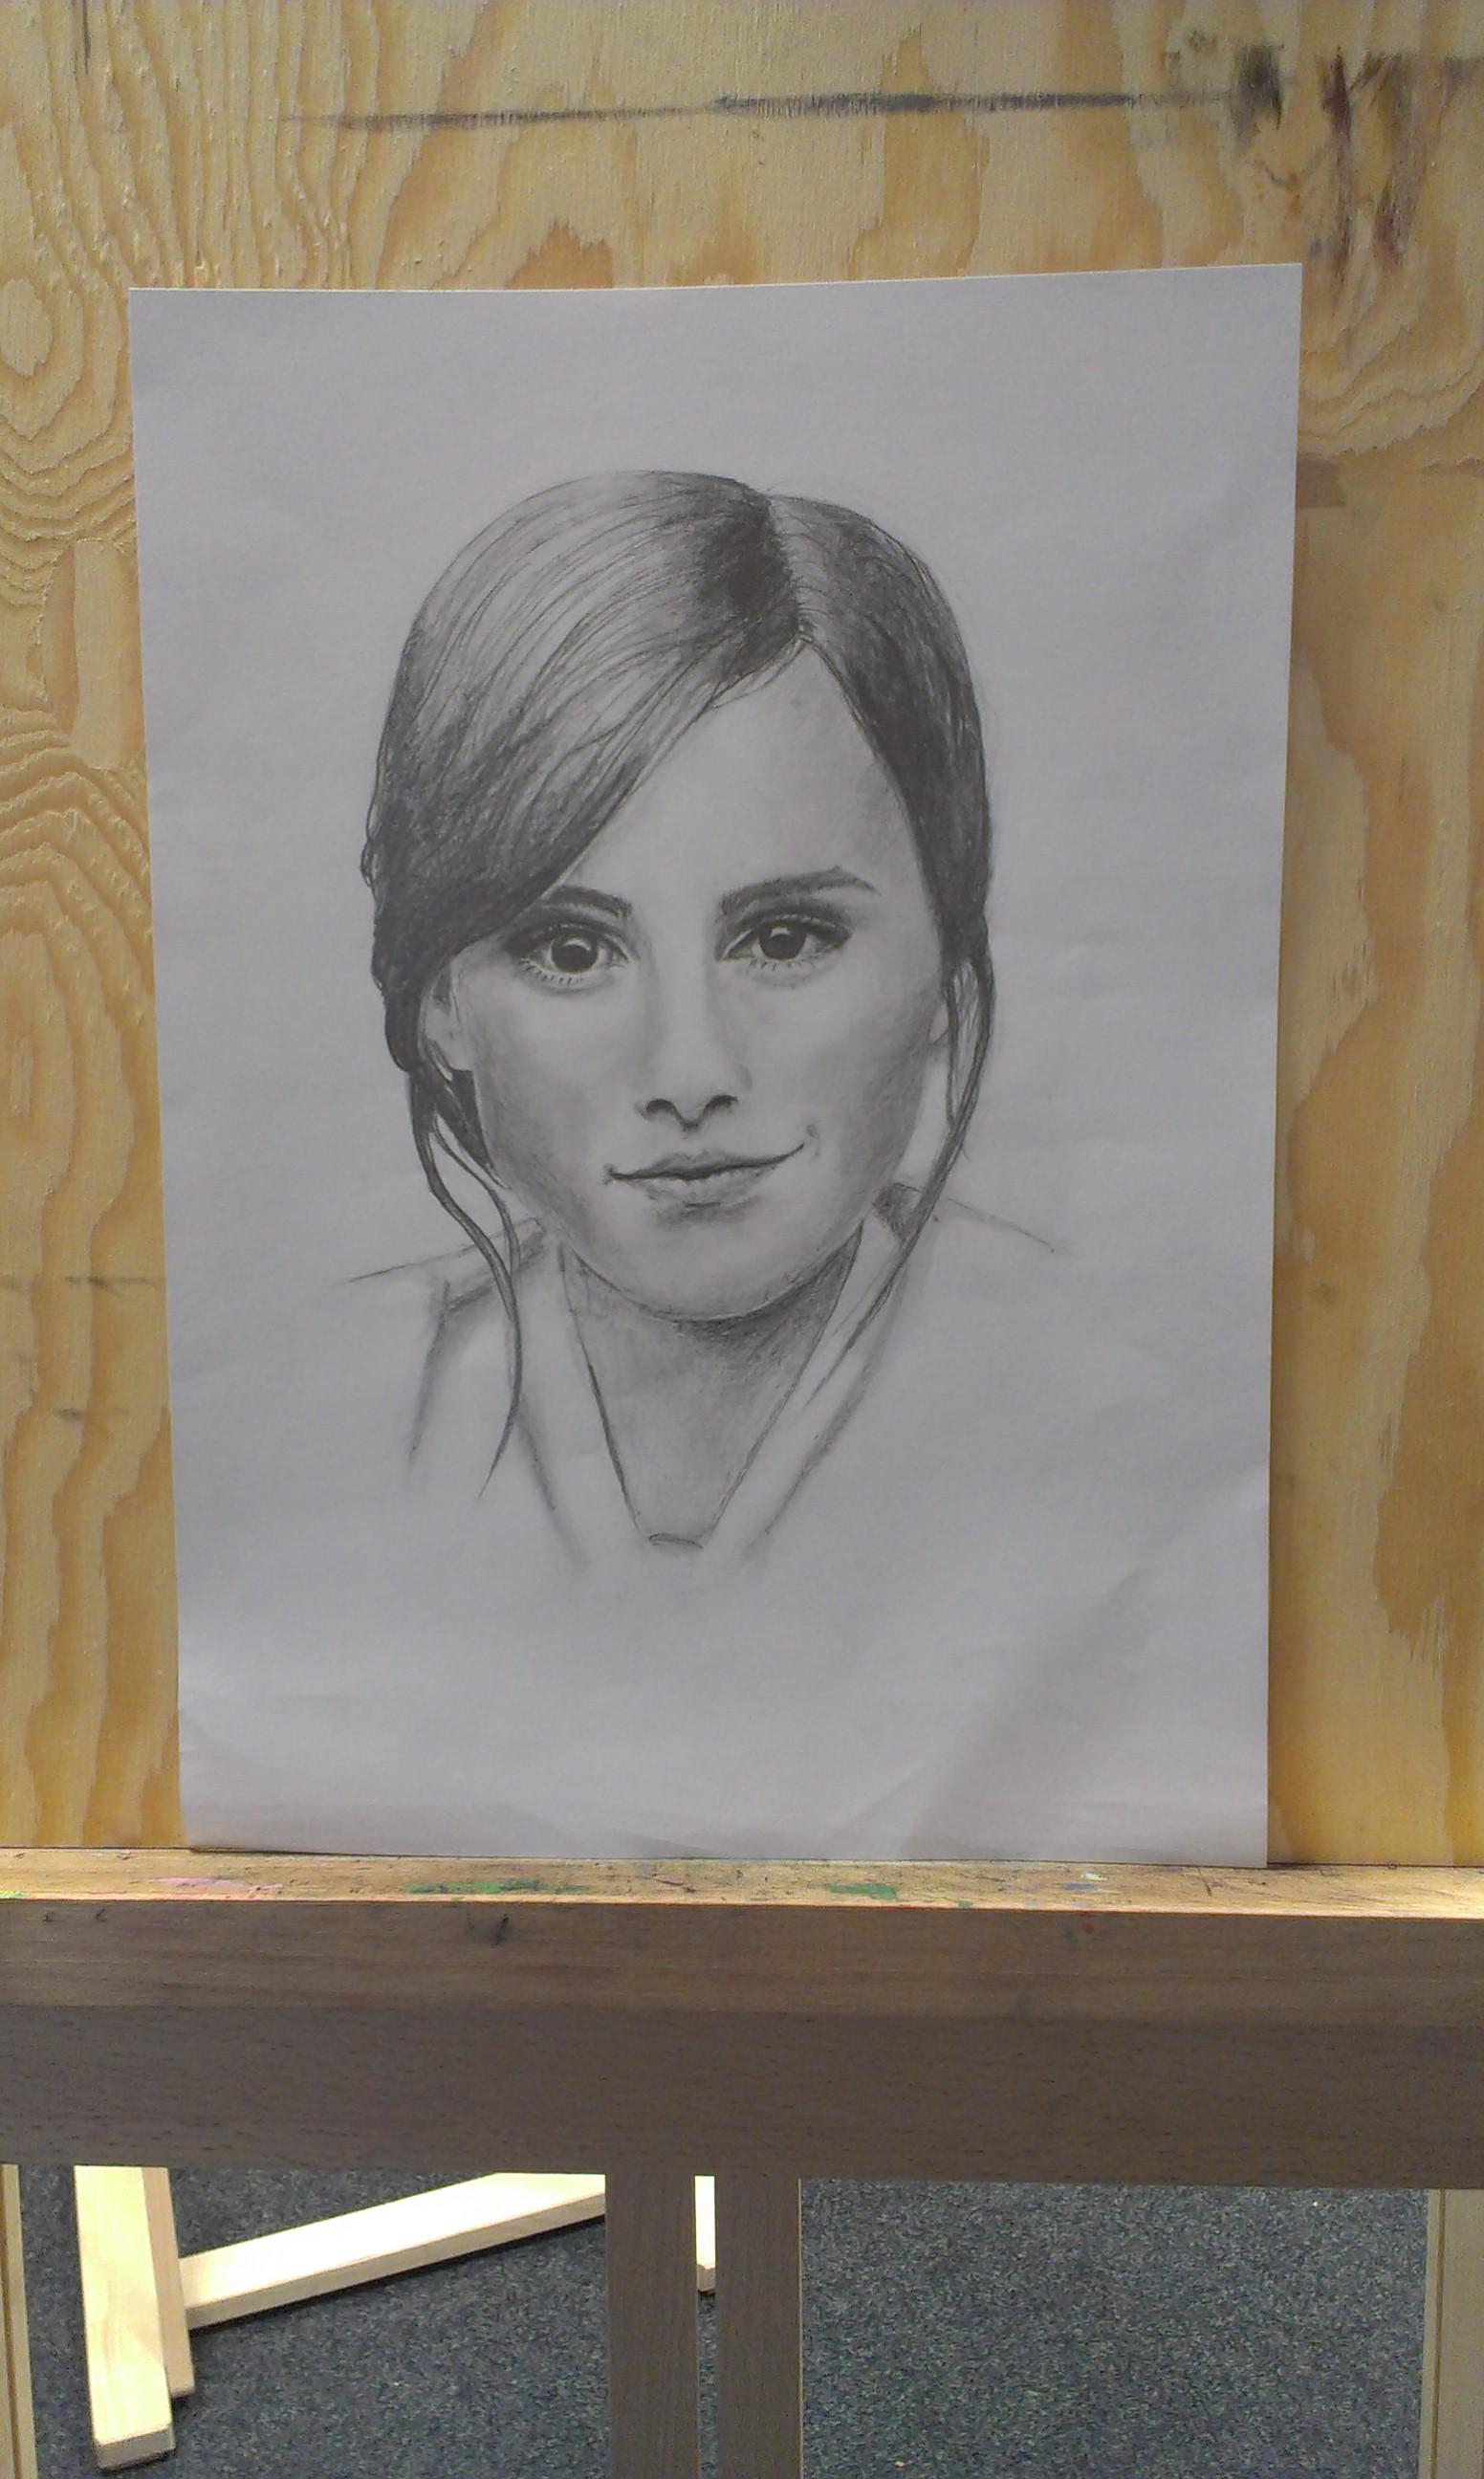 Kresba Portretu Dle Vlastni Predlohy Pro Zacatecniky Atelier